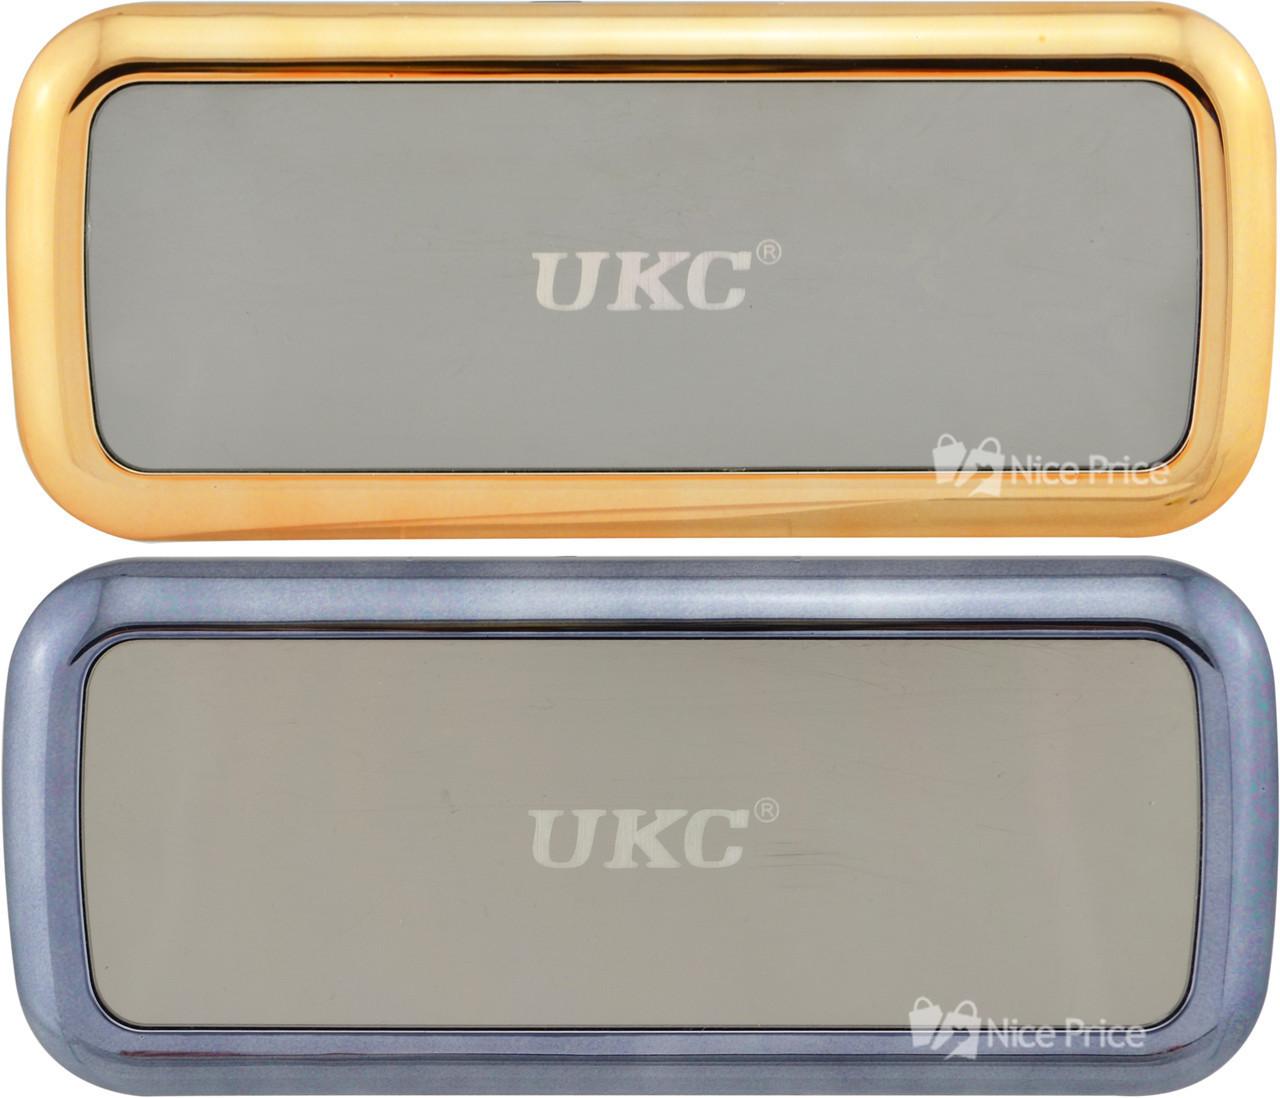 Зовнішній акумулятор Power bank UKC 55000 mAh дзеркальний